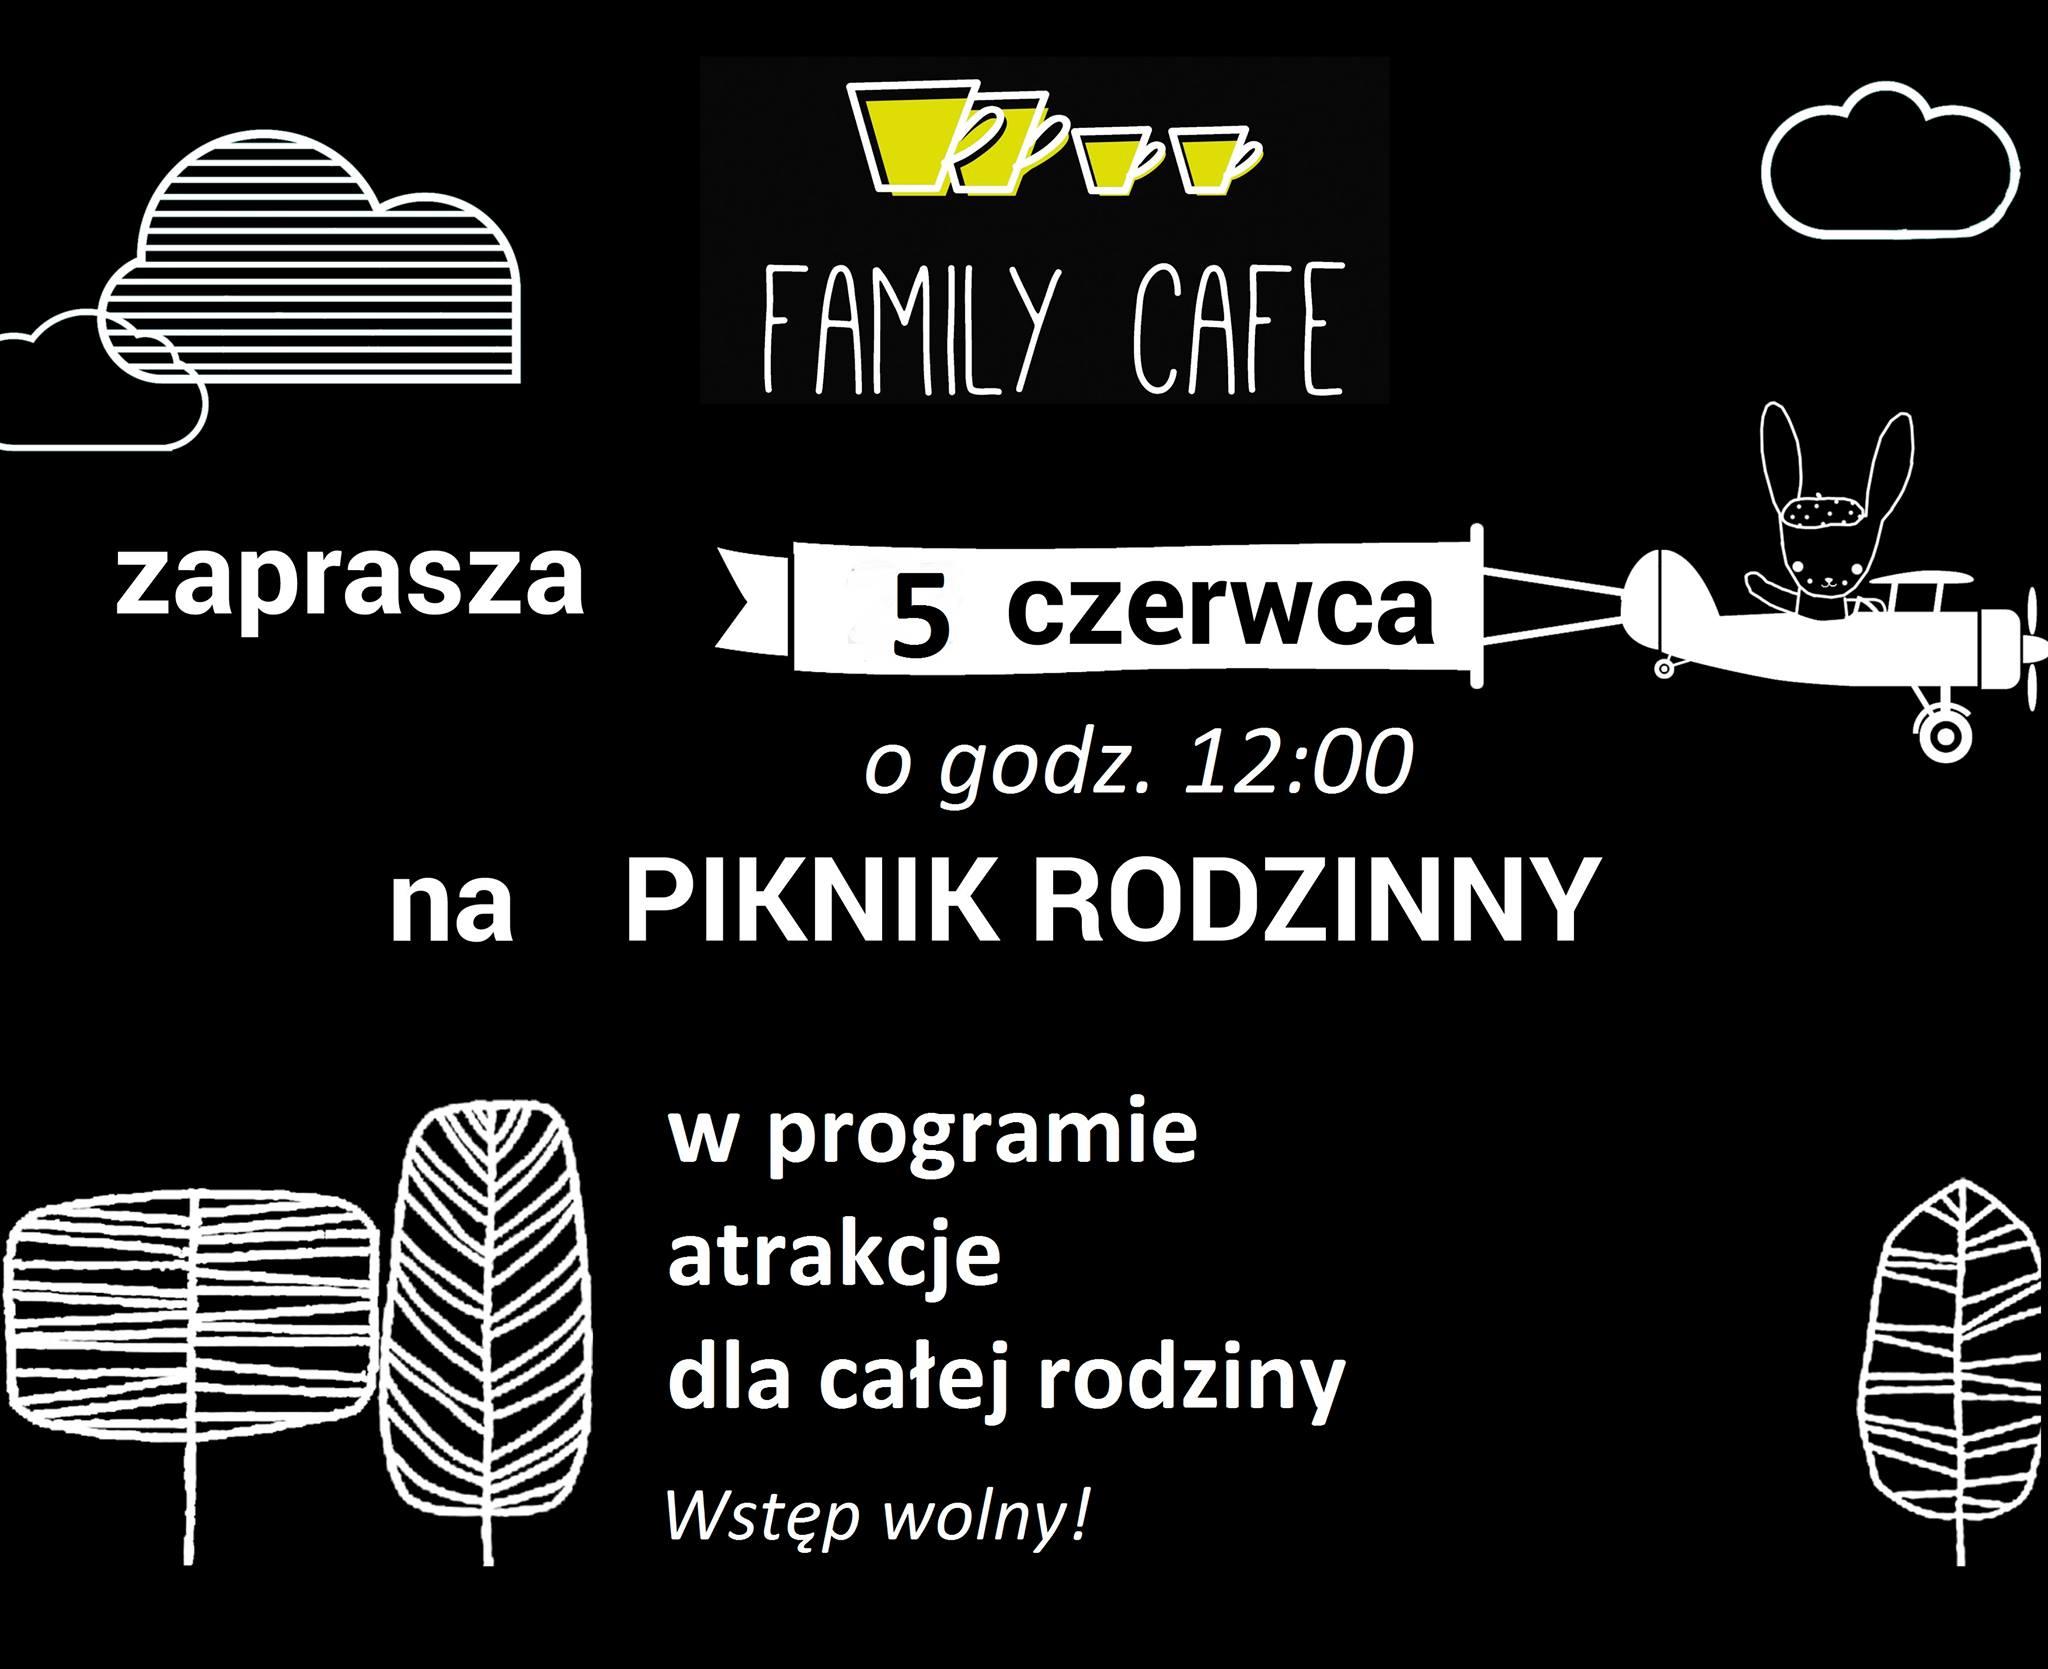 Piknik rodzinny we Wrocławiu